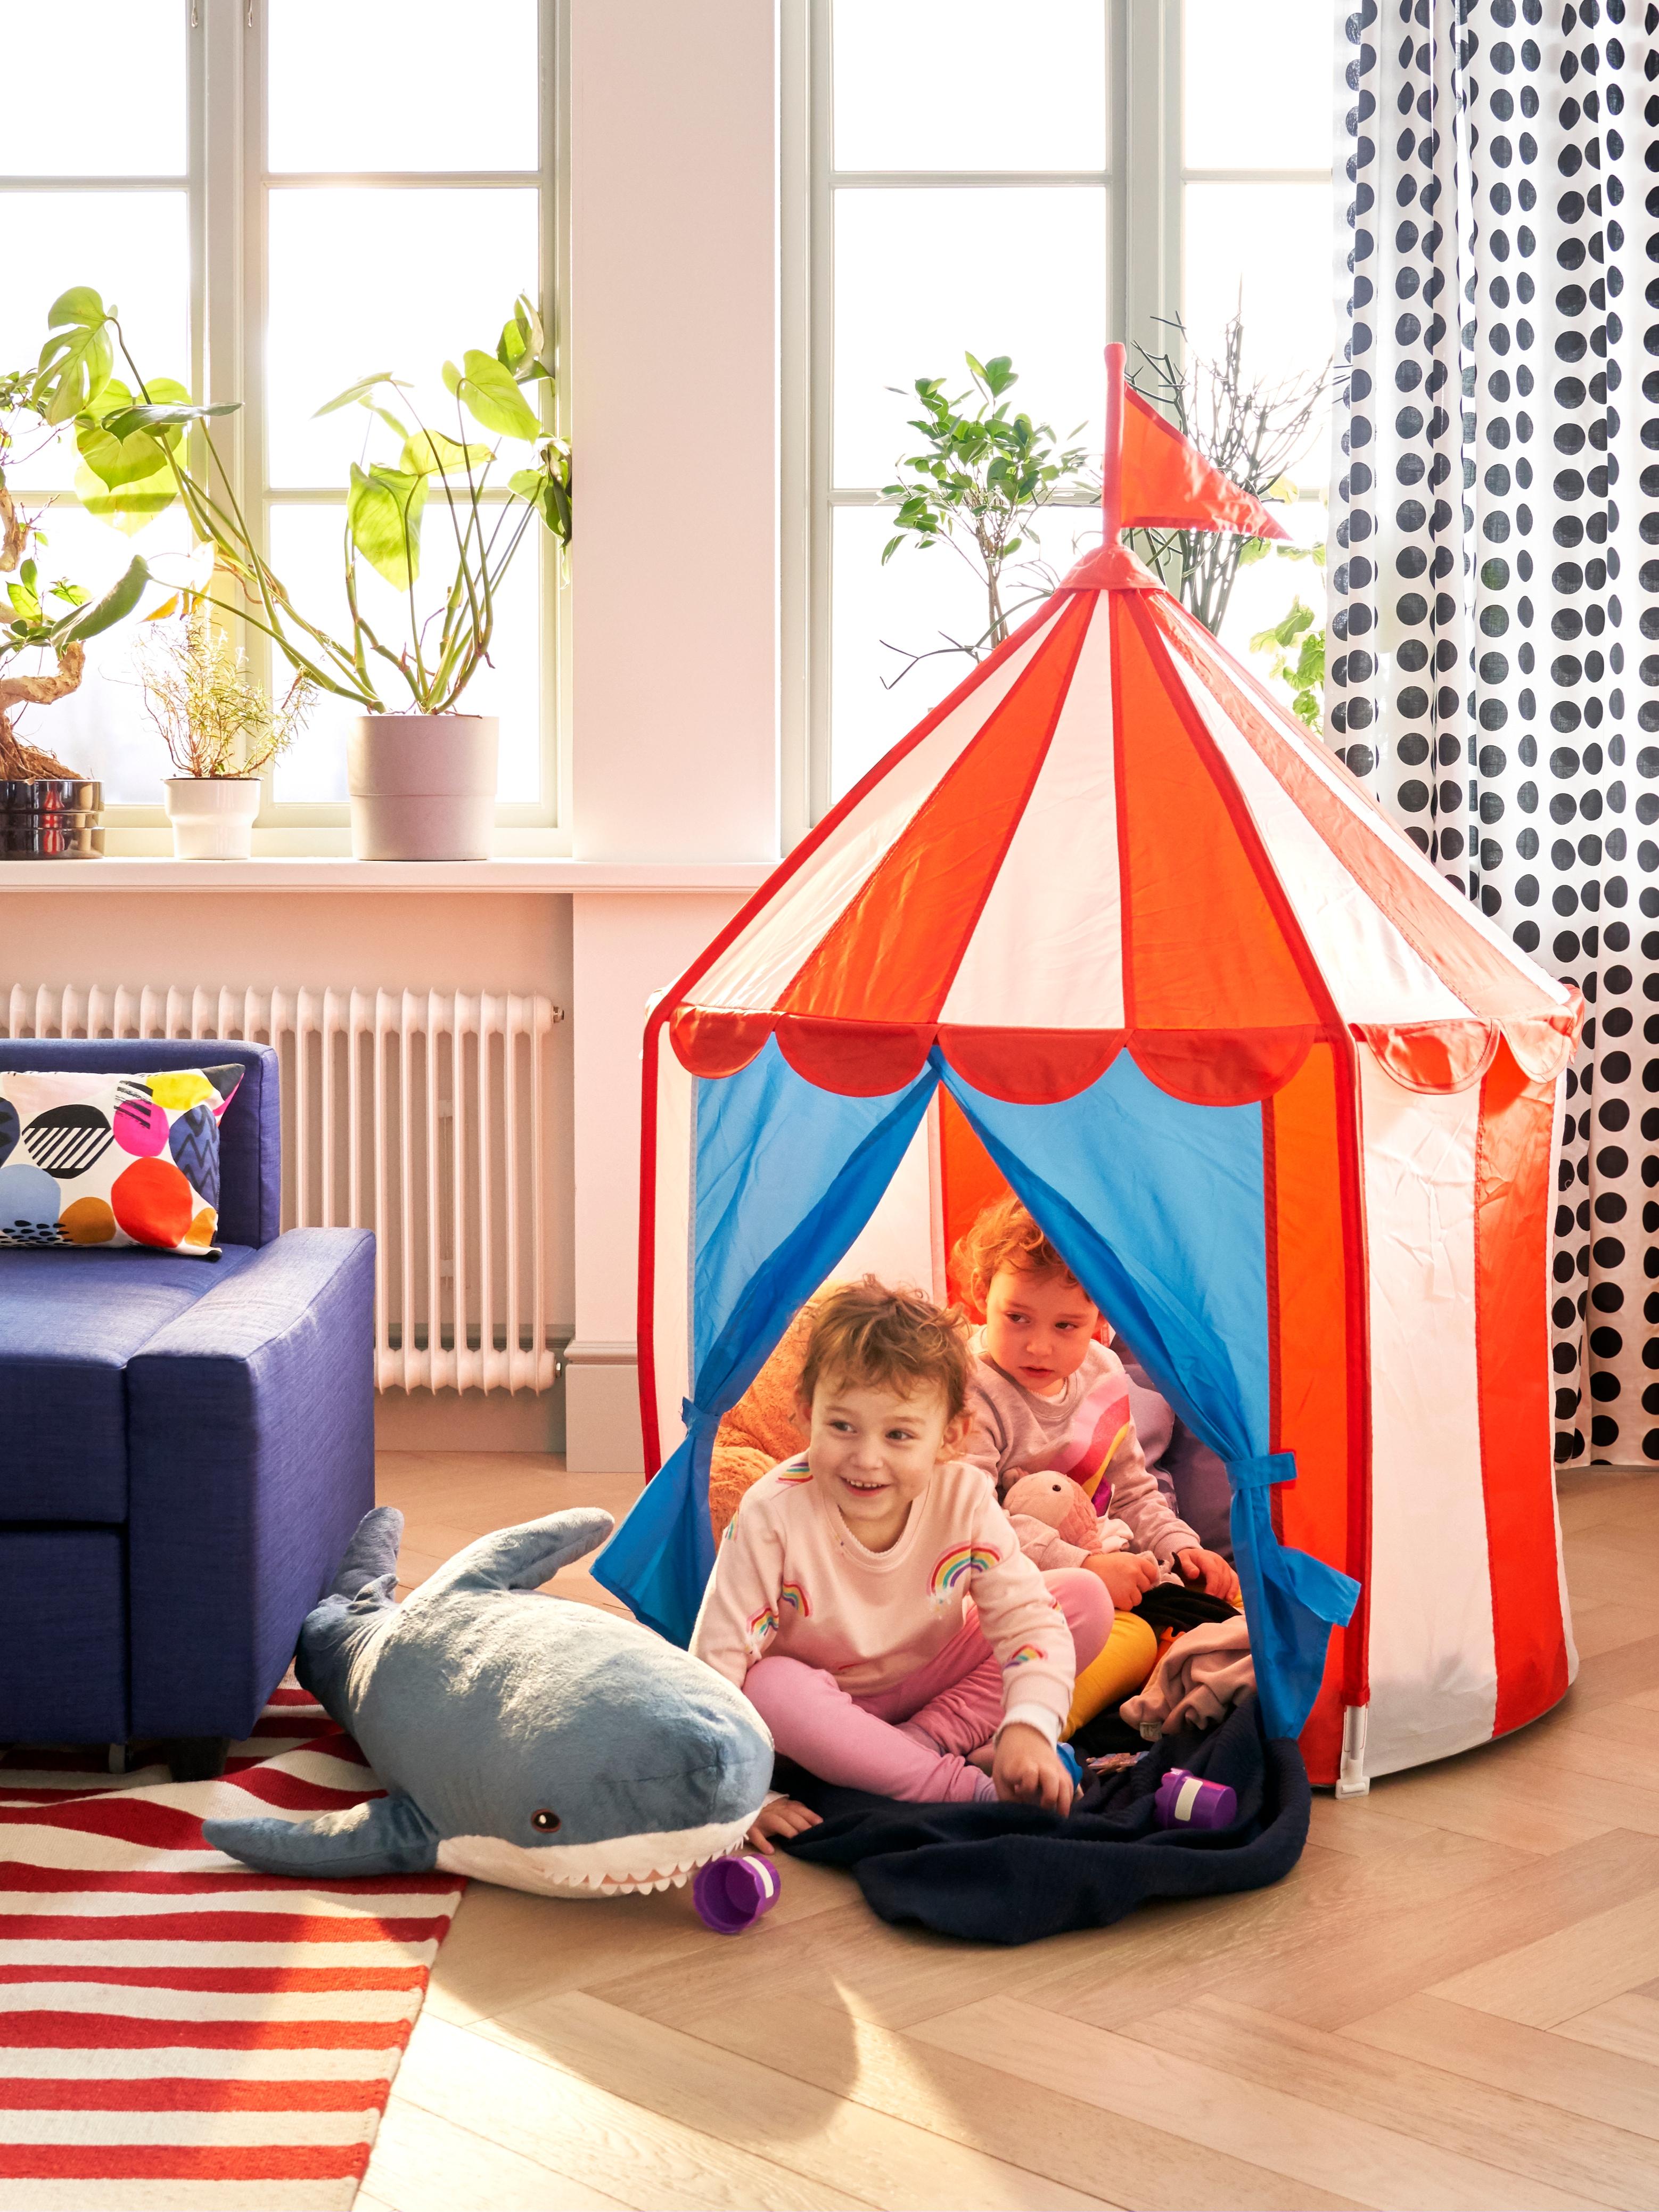 サーカスのテントのような形をしたCIRKUSTÄLT/スィルクステルト 子ども用テント。窓のある部屋に置かれており、テントの中では2人の小さな子どもが遊んでいます